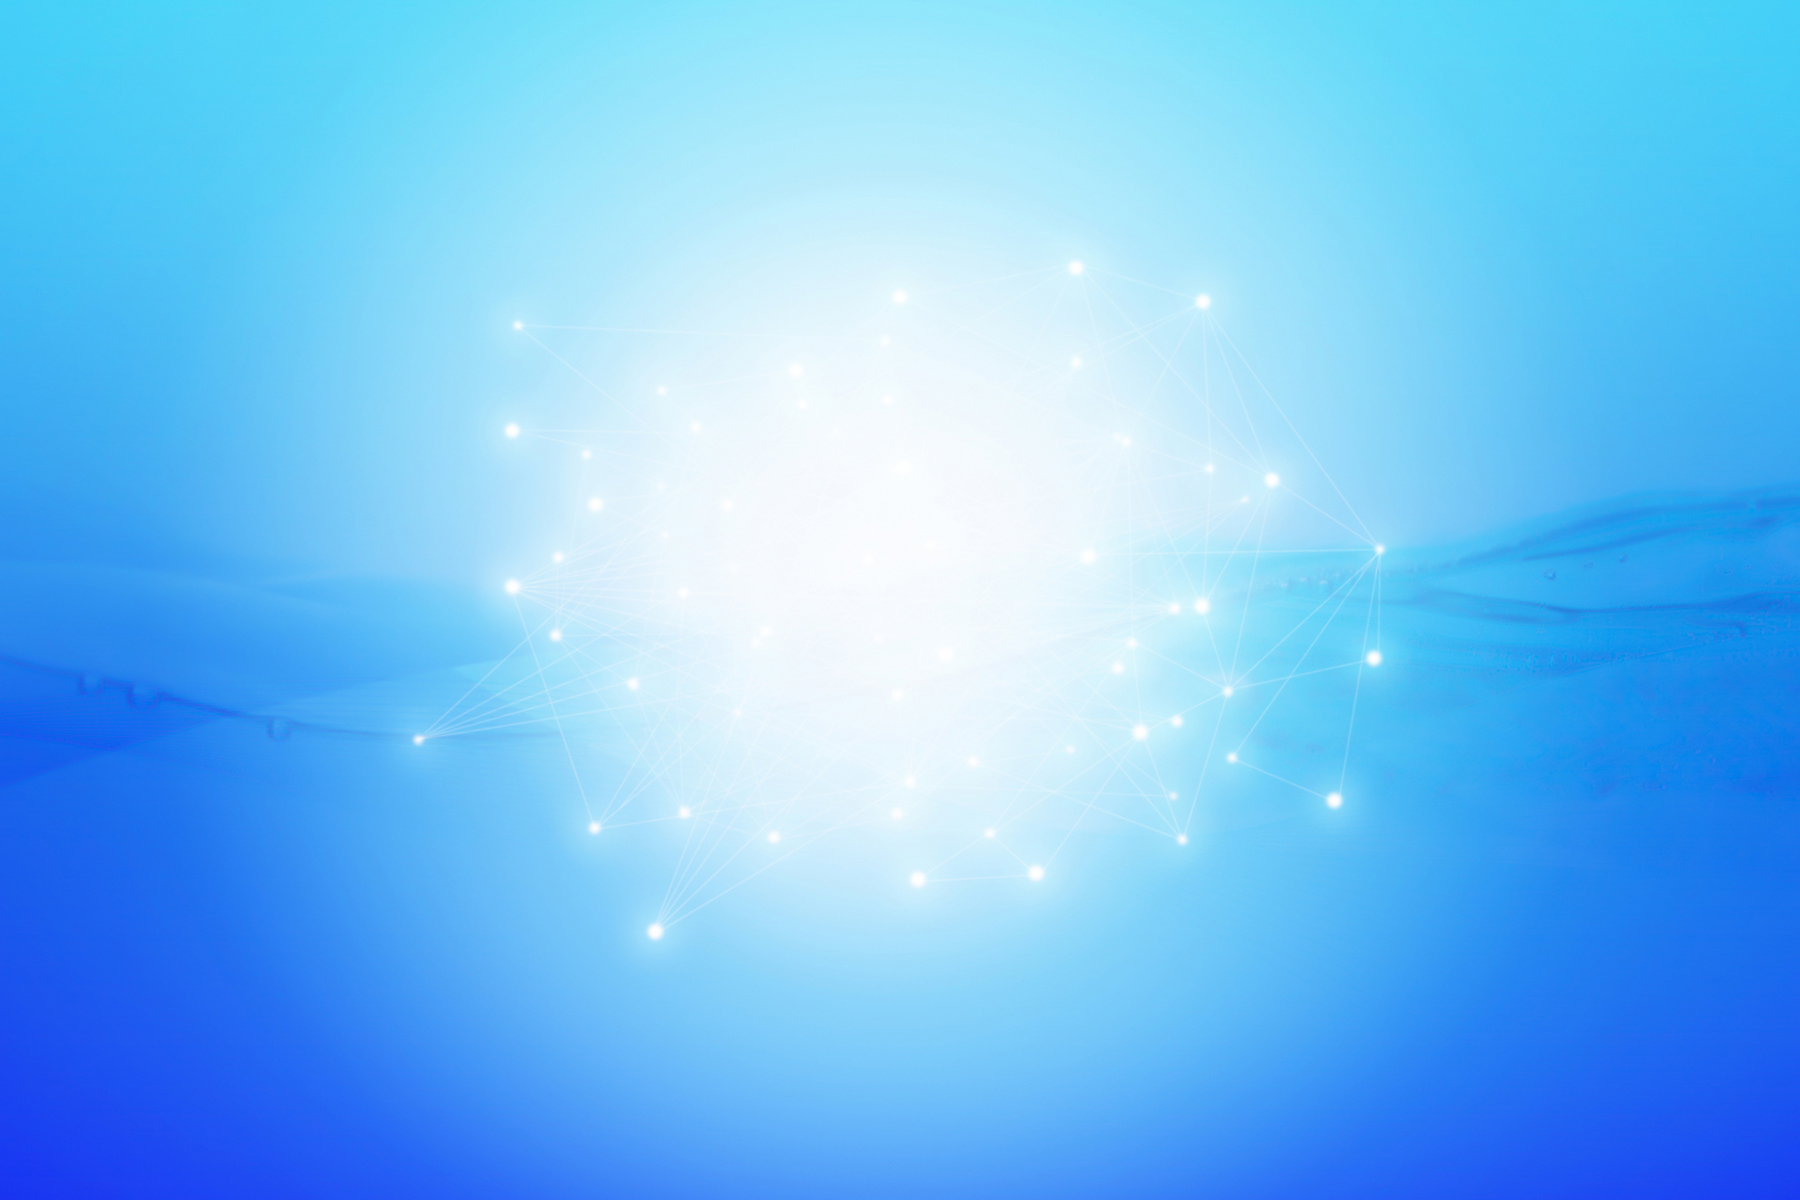 エネルギーのイメージ写真